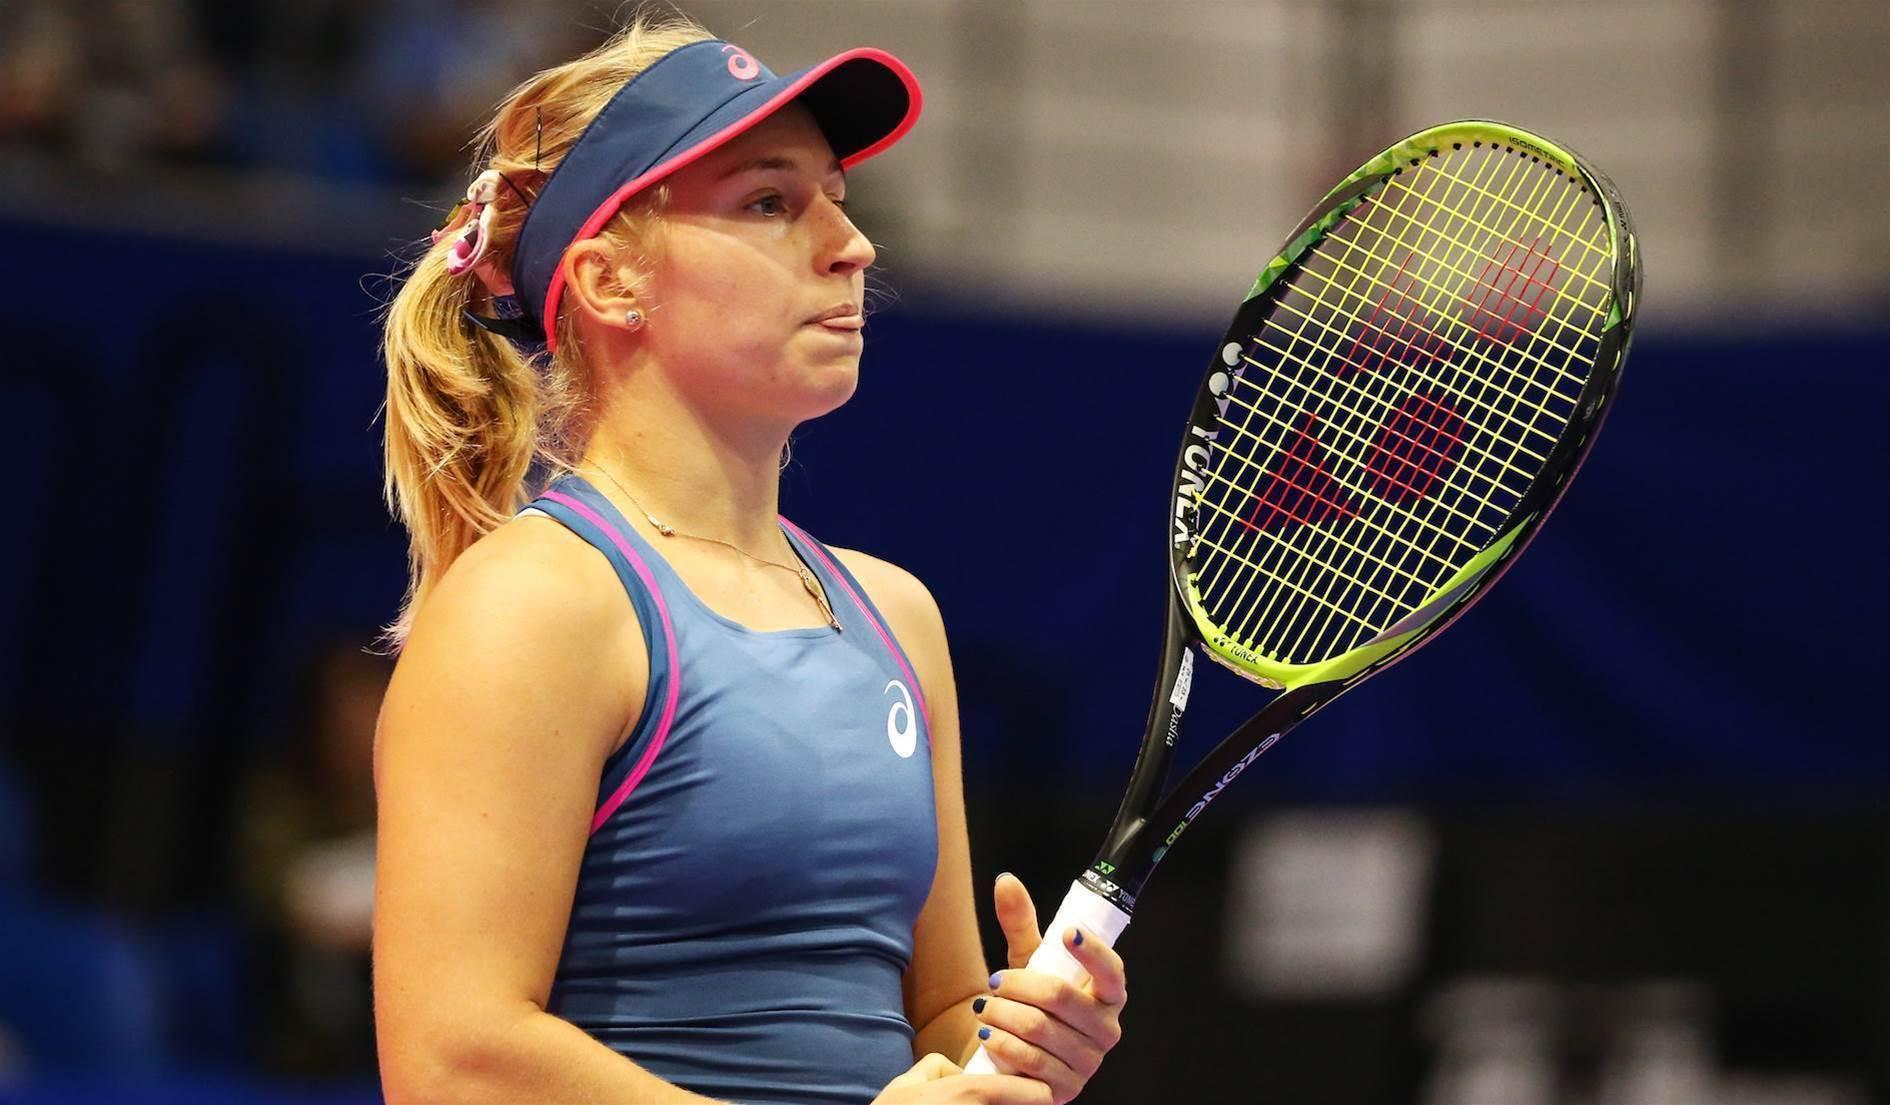 Gavrilova Tokyo hopes dashed, Tomljanovic through in Korea